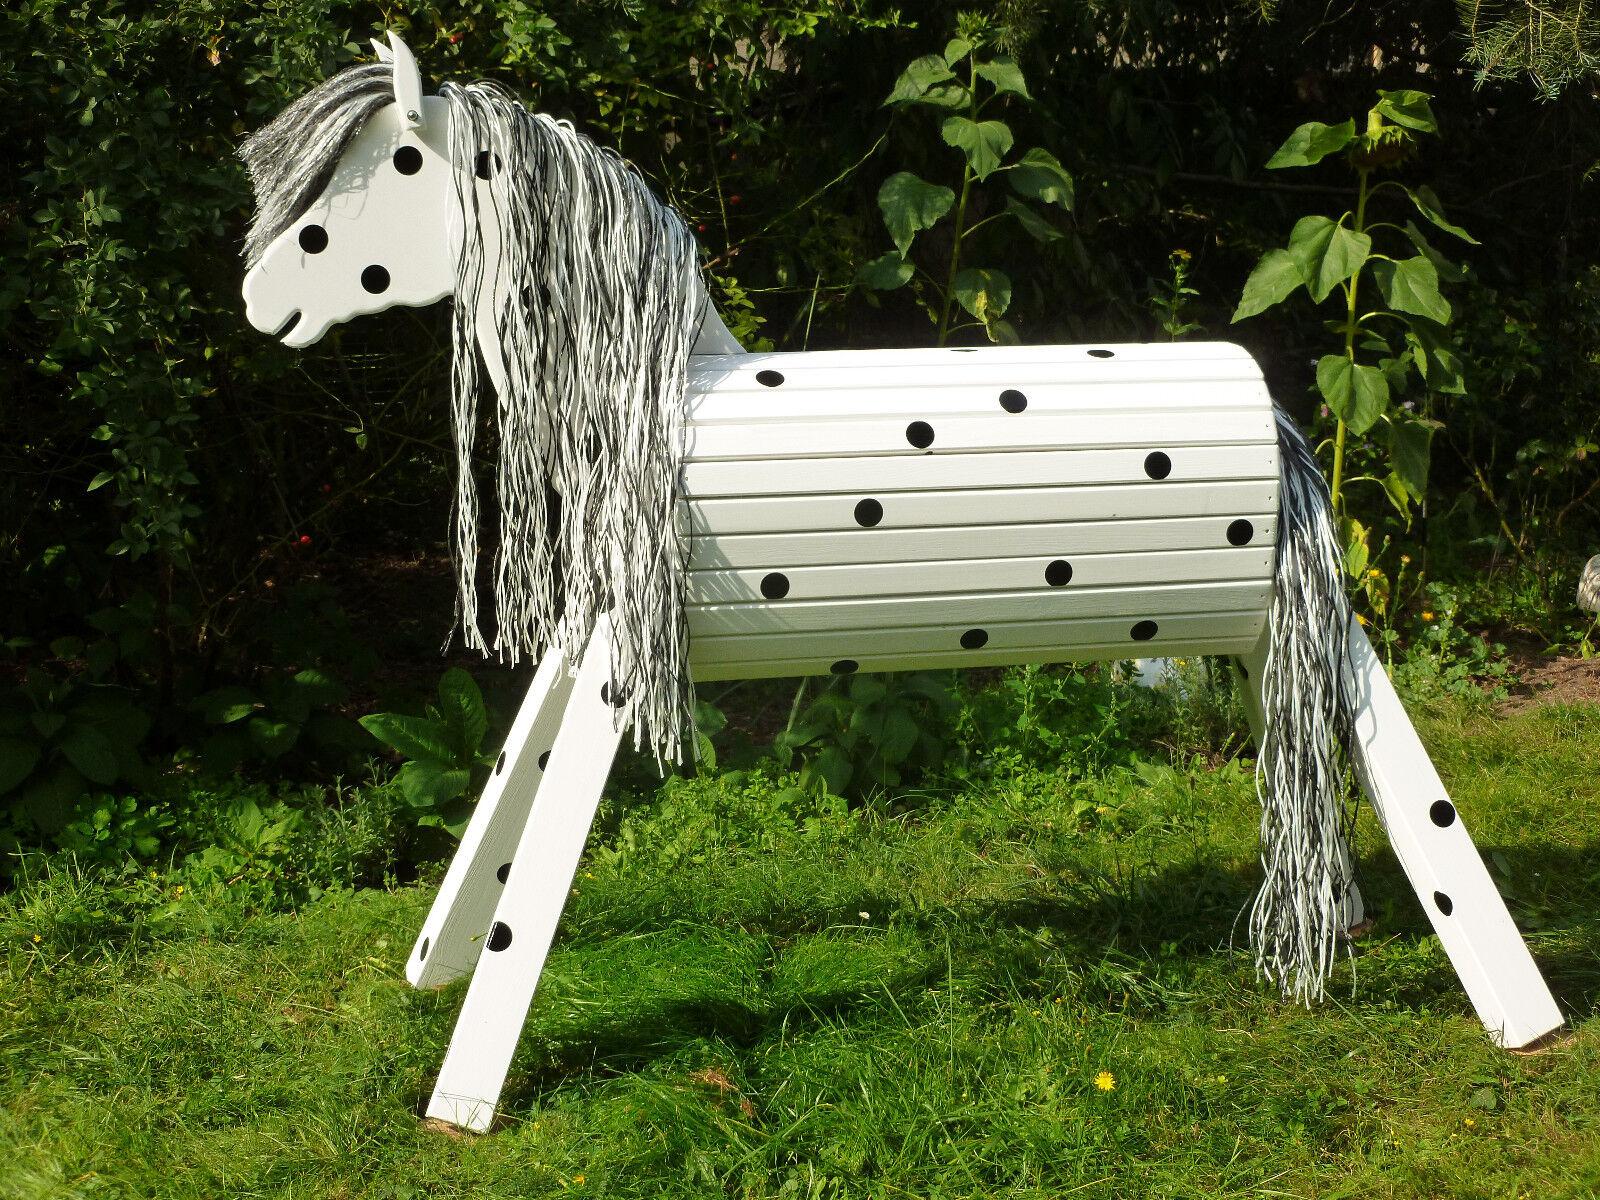 100cm Holzpferd Holzpony Onkel Voltigierpferd wetterfest wetterfest wetterfest lasiert NEU UNIKAT 444535